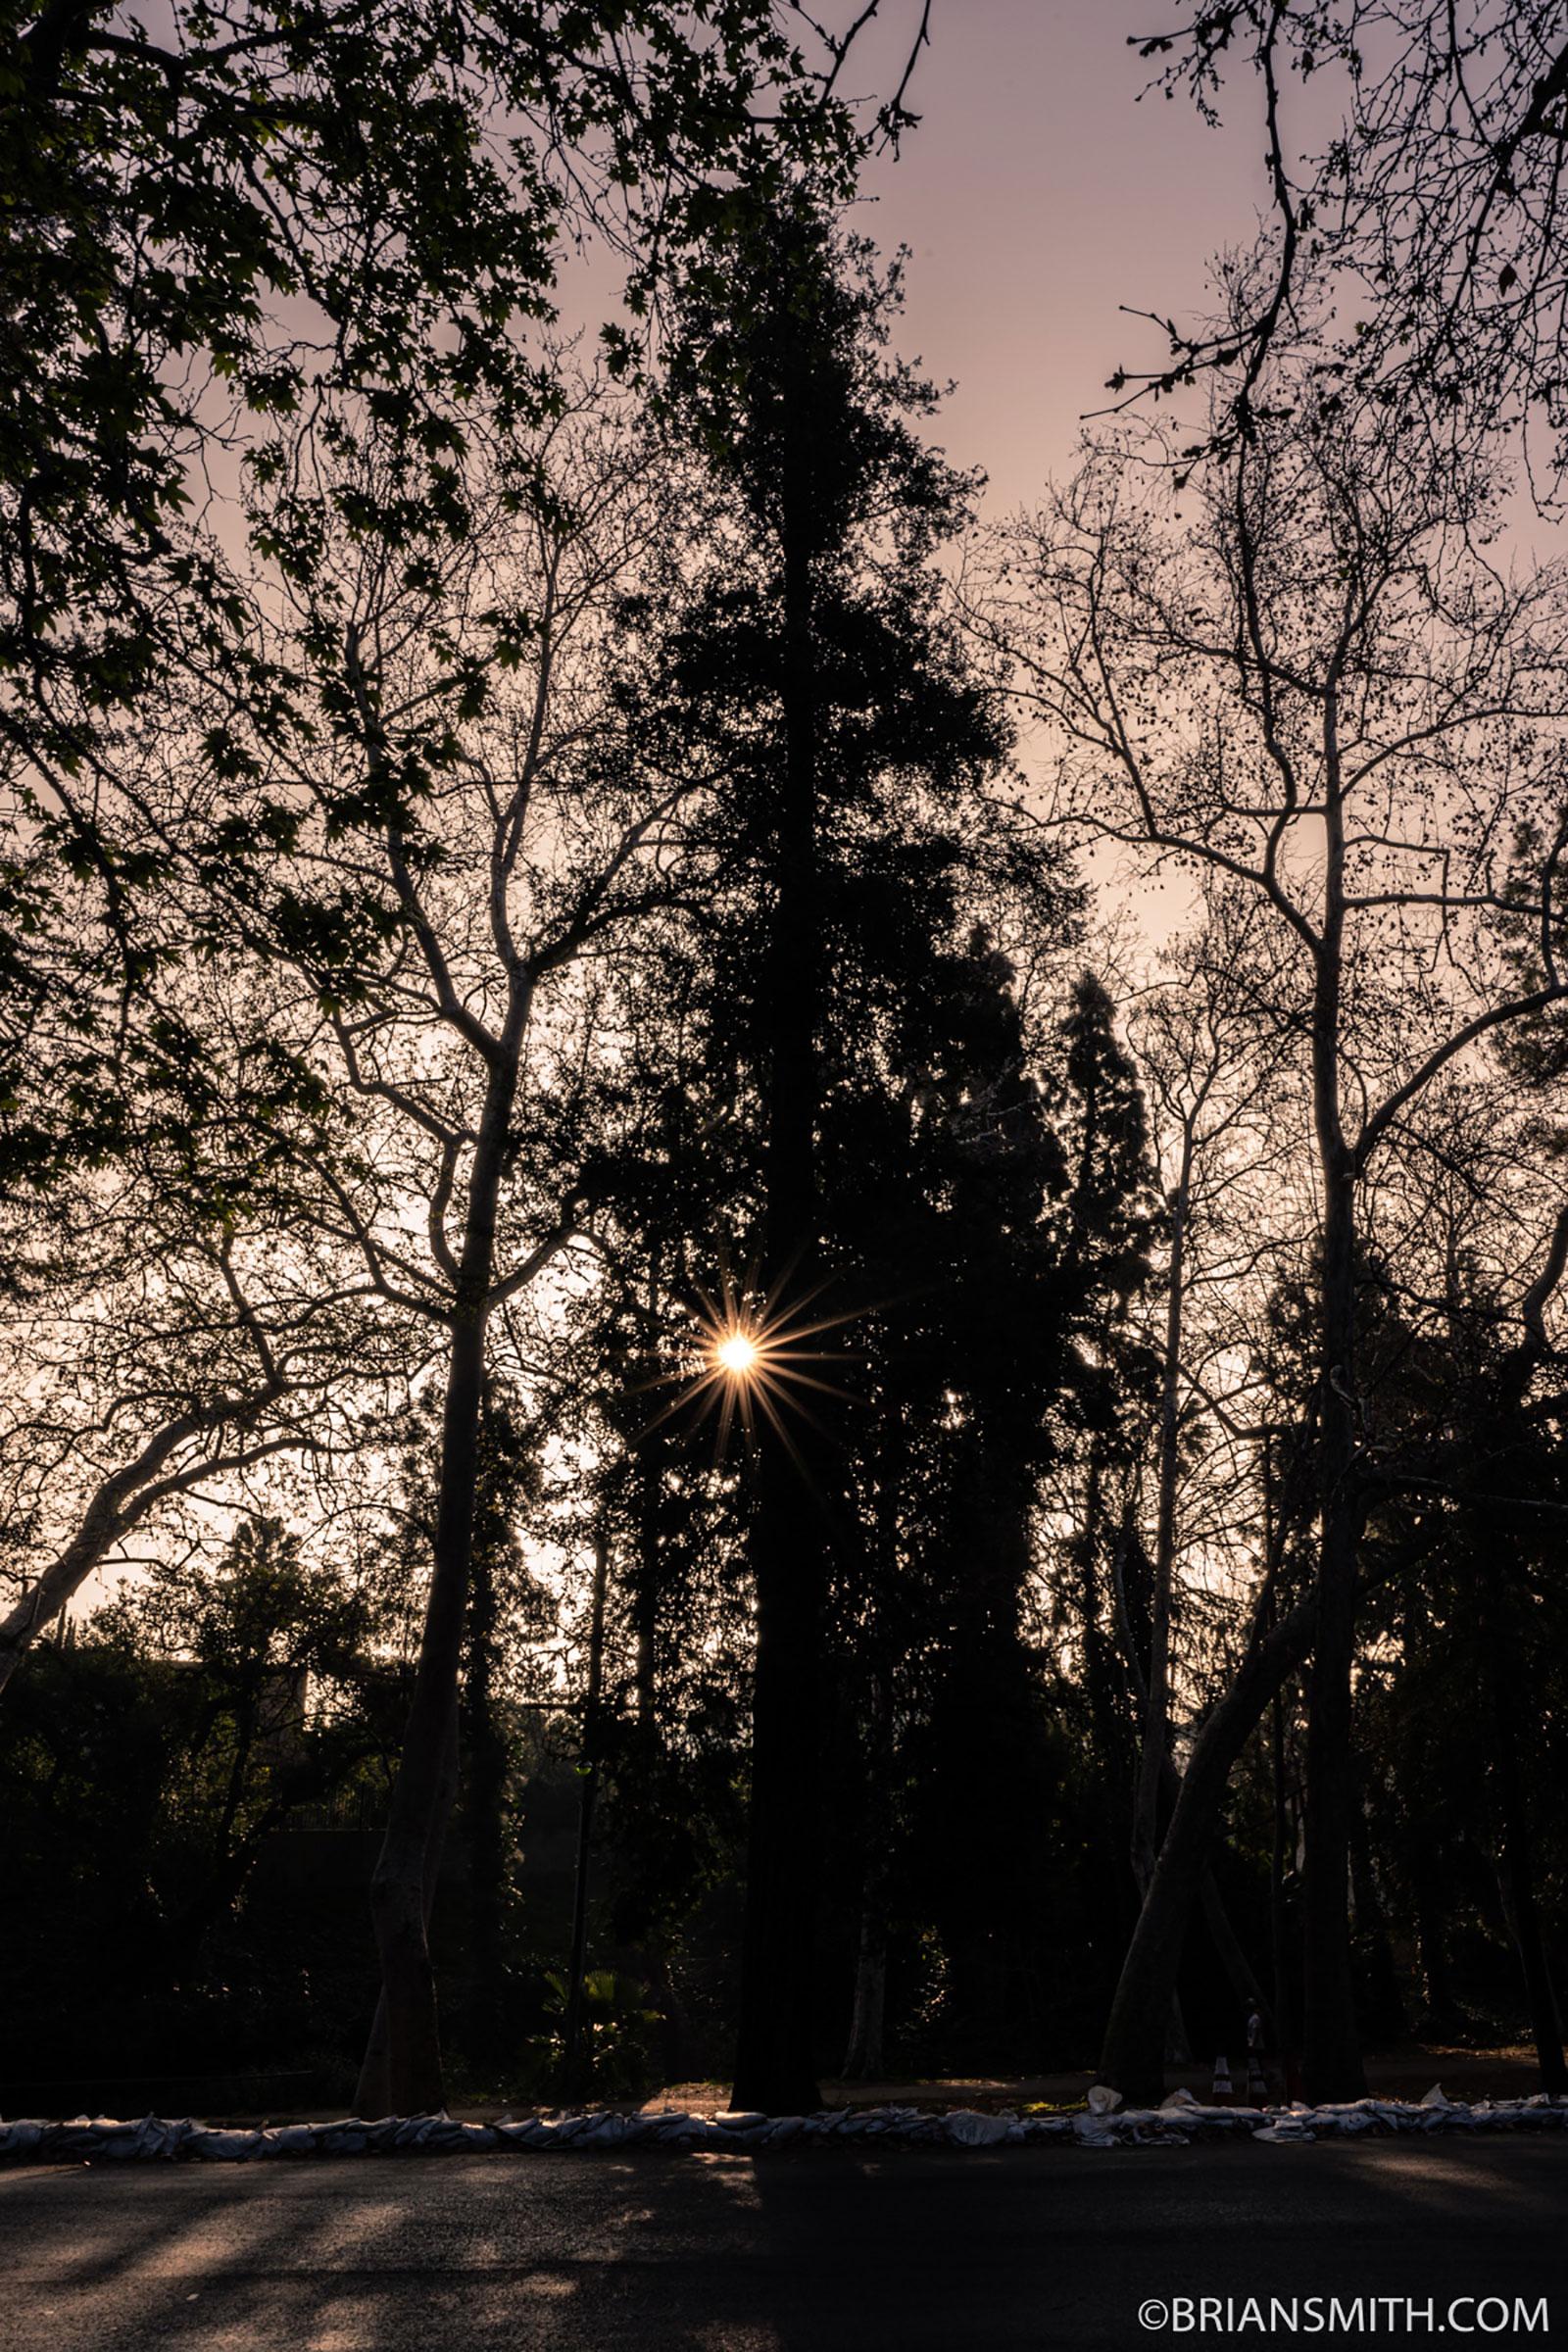 Sony FE 20mm F2.8 G lens sunstar at F22